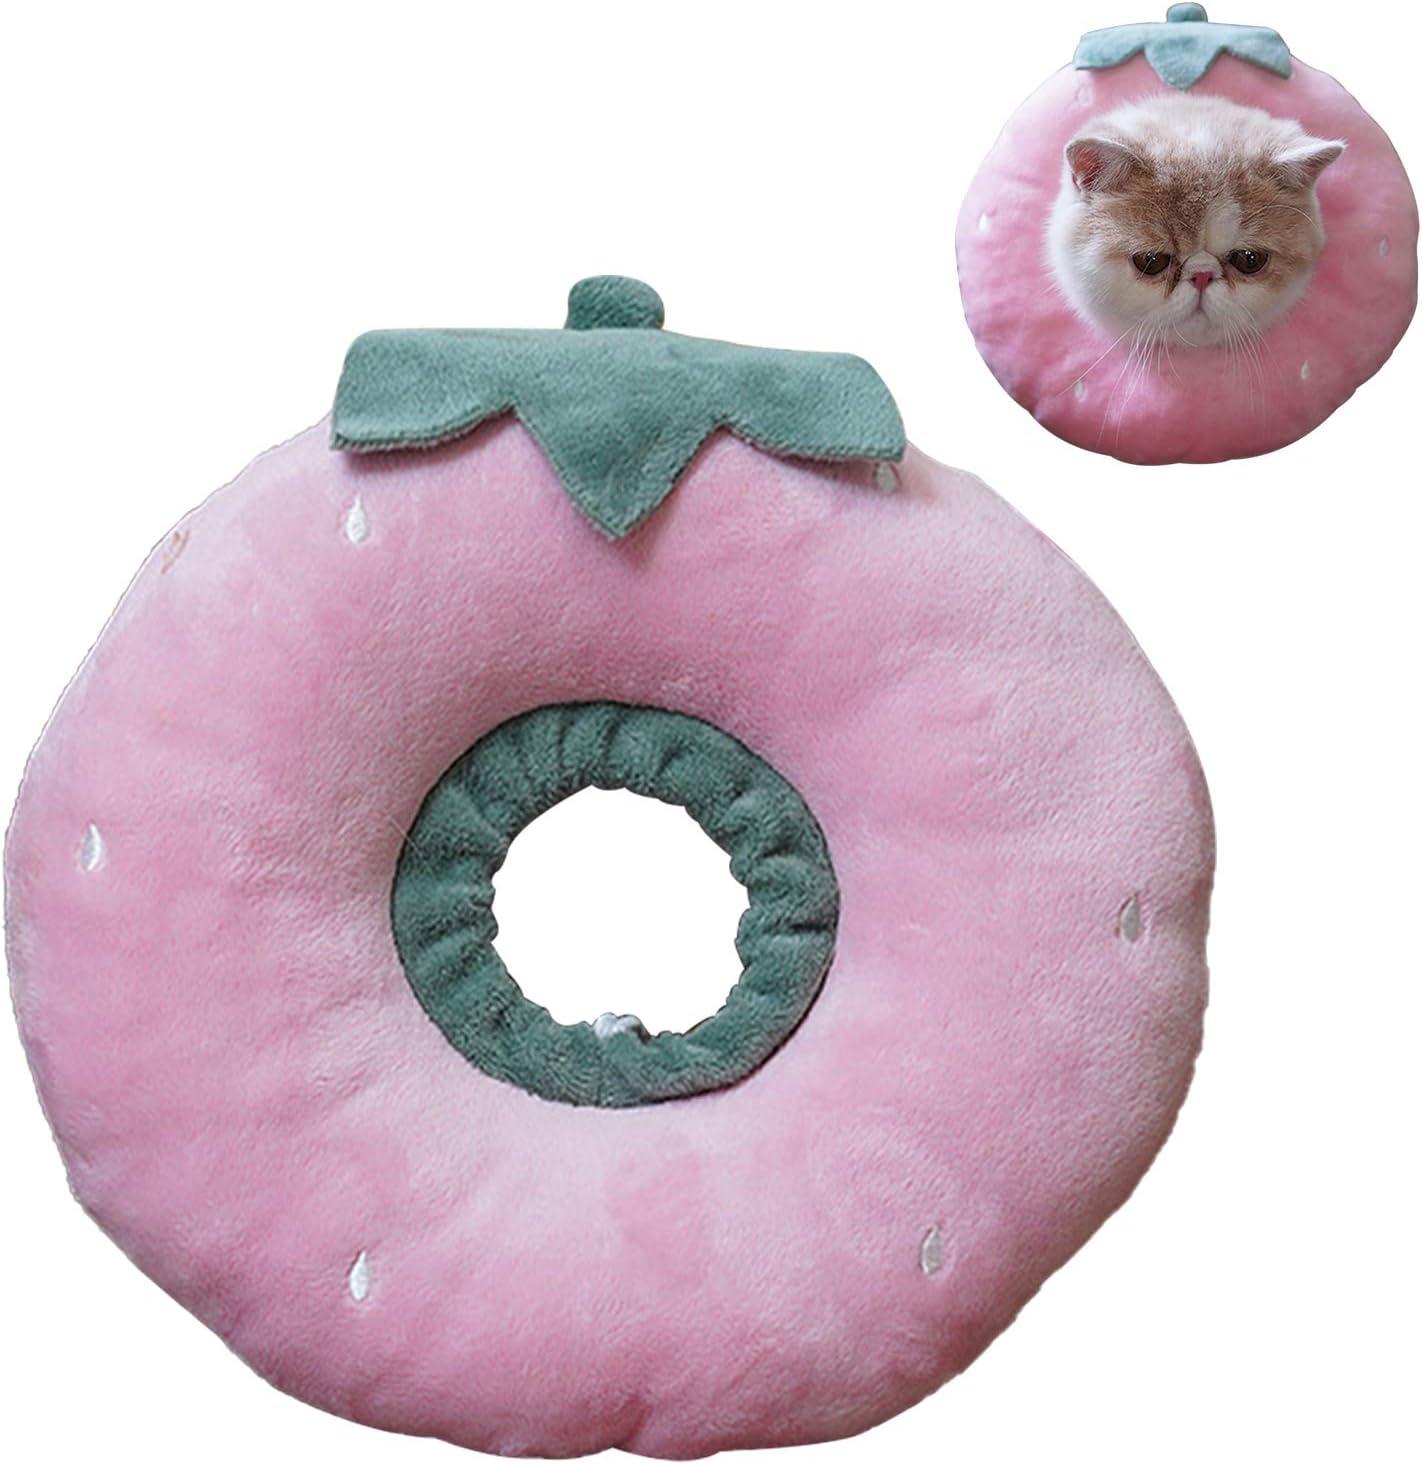 N\O Heiqlay Collar Isabelino Gato, Collar de RecuperacióN para Mascotas Borde Suave Ajustable Collar Anti Mordida de Borde Suave para Mascotas para Perros y Gatos (1 Pieza, Fresa, M)